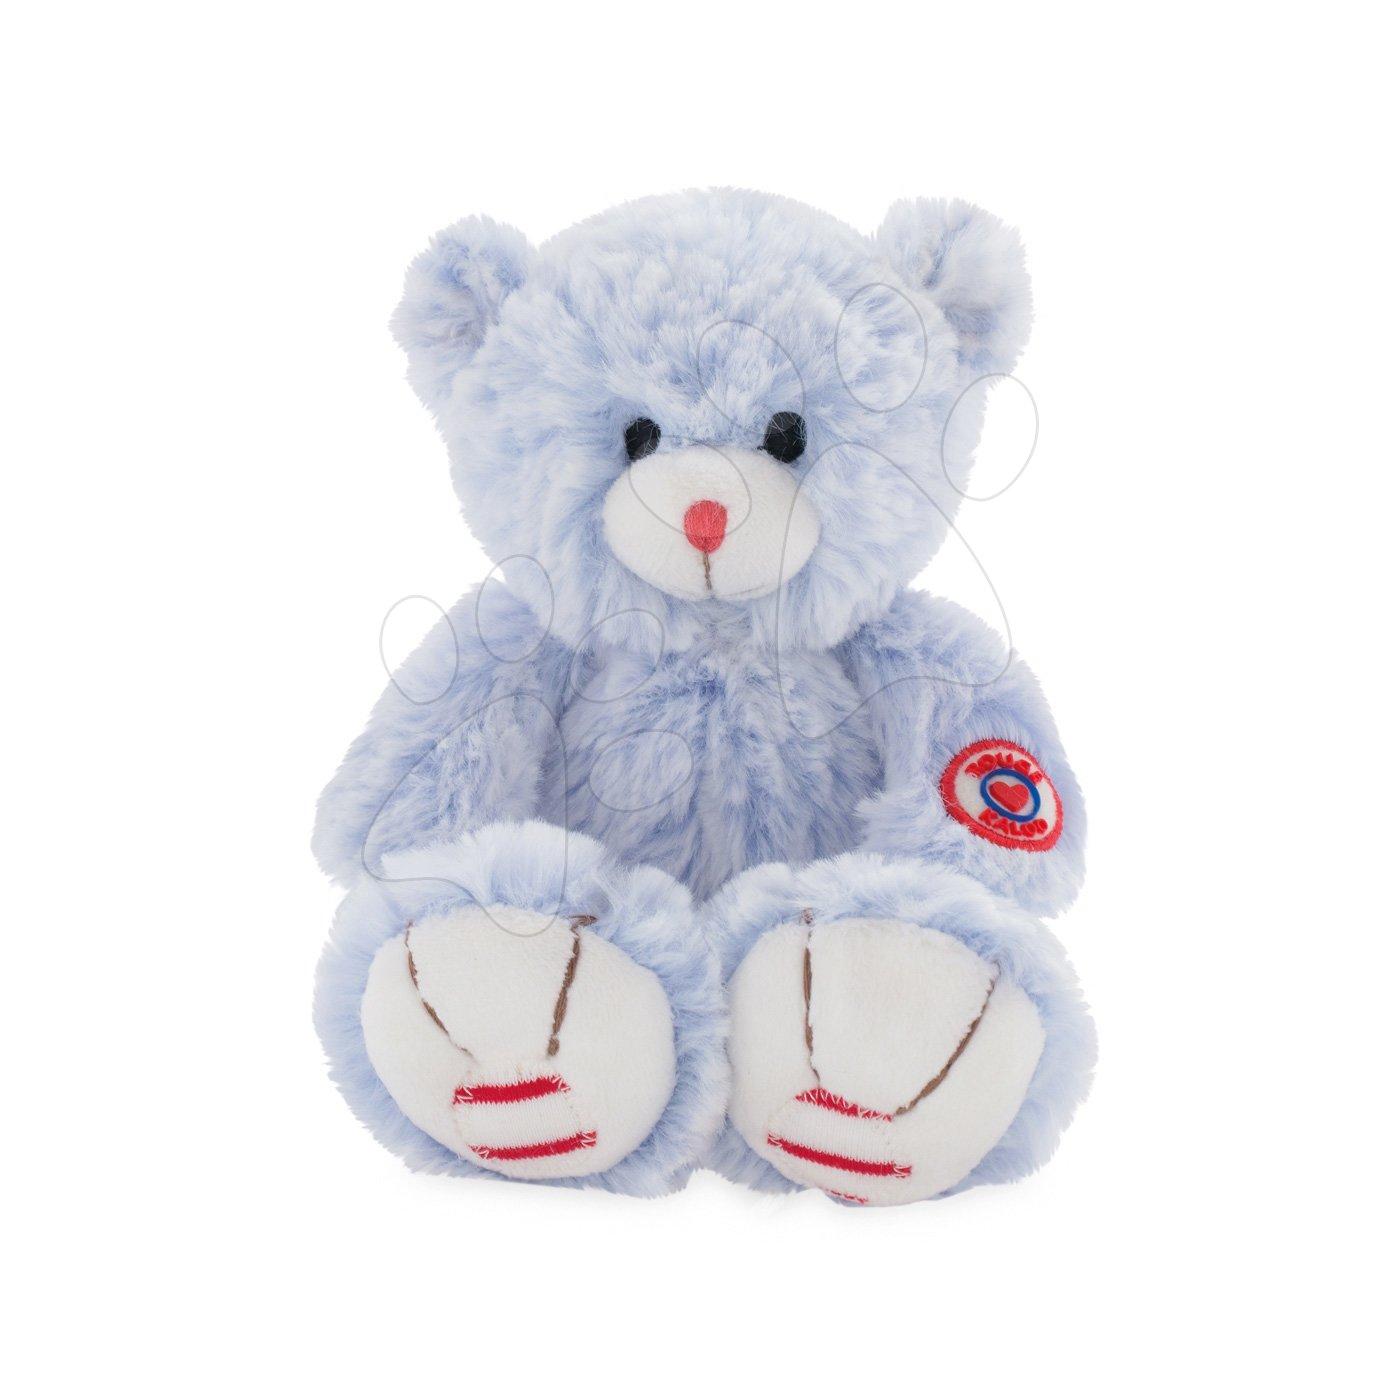 Plyšový medvěd Rouge Kaloo Small 19 cm z jemného plyše pro nejmenší děti modro-krémový